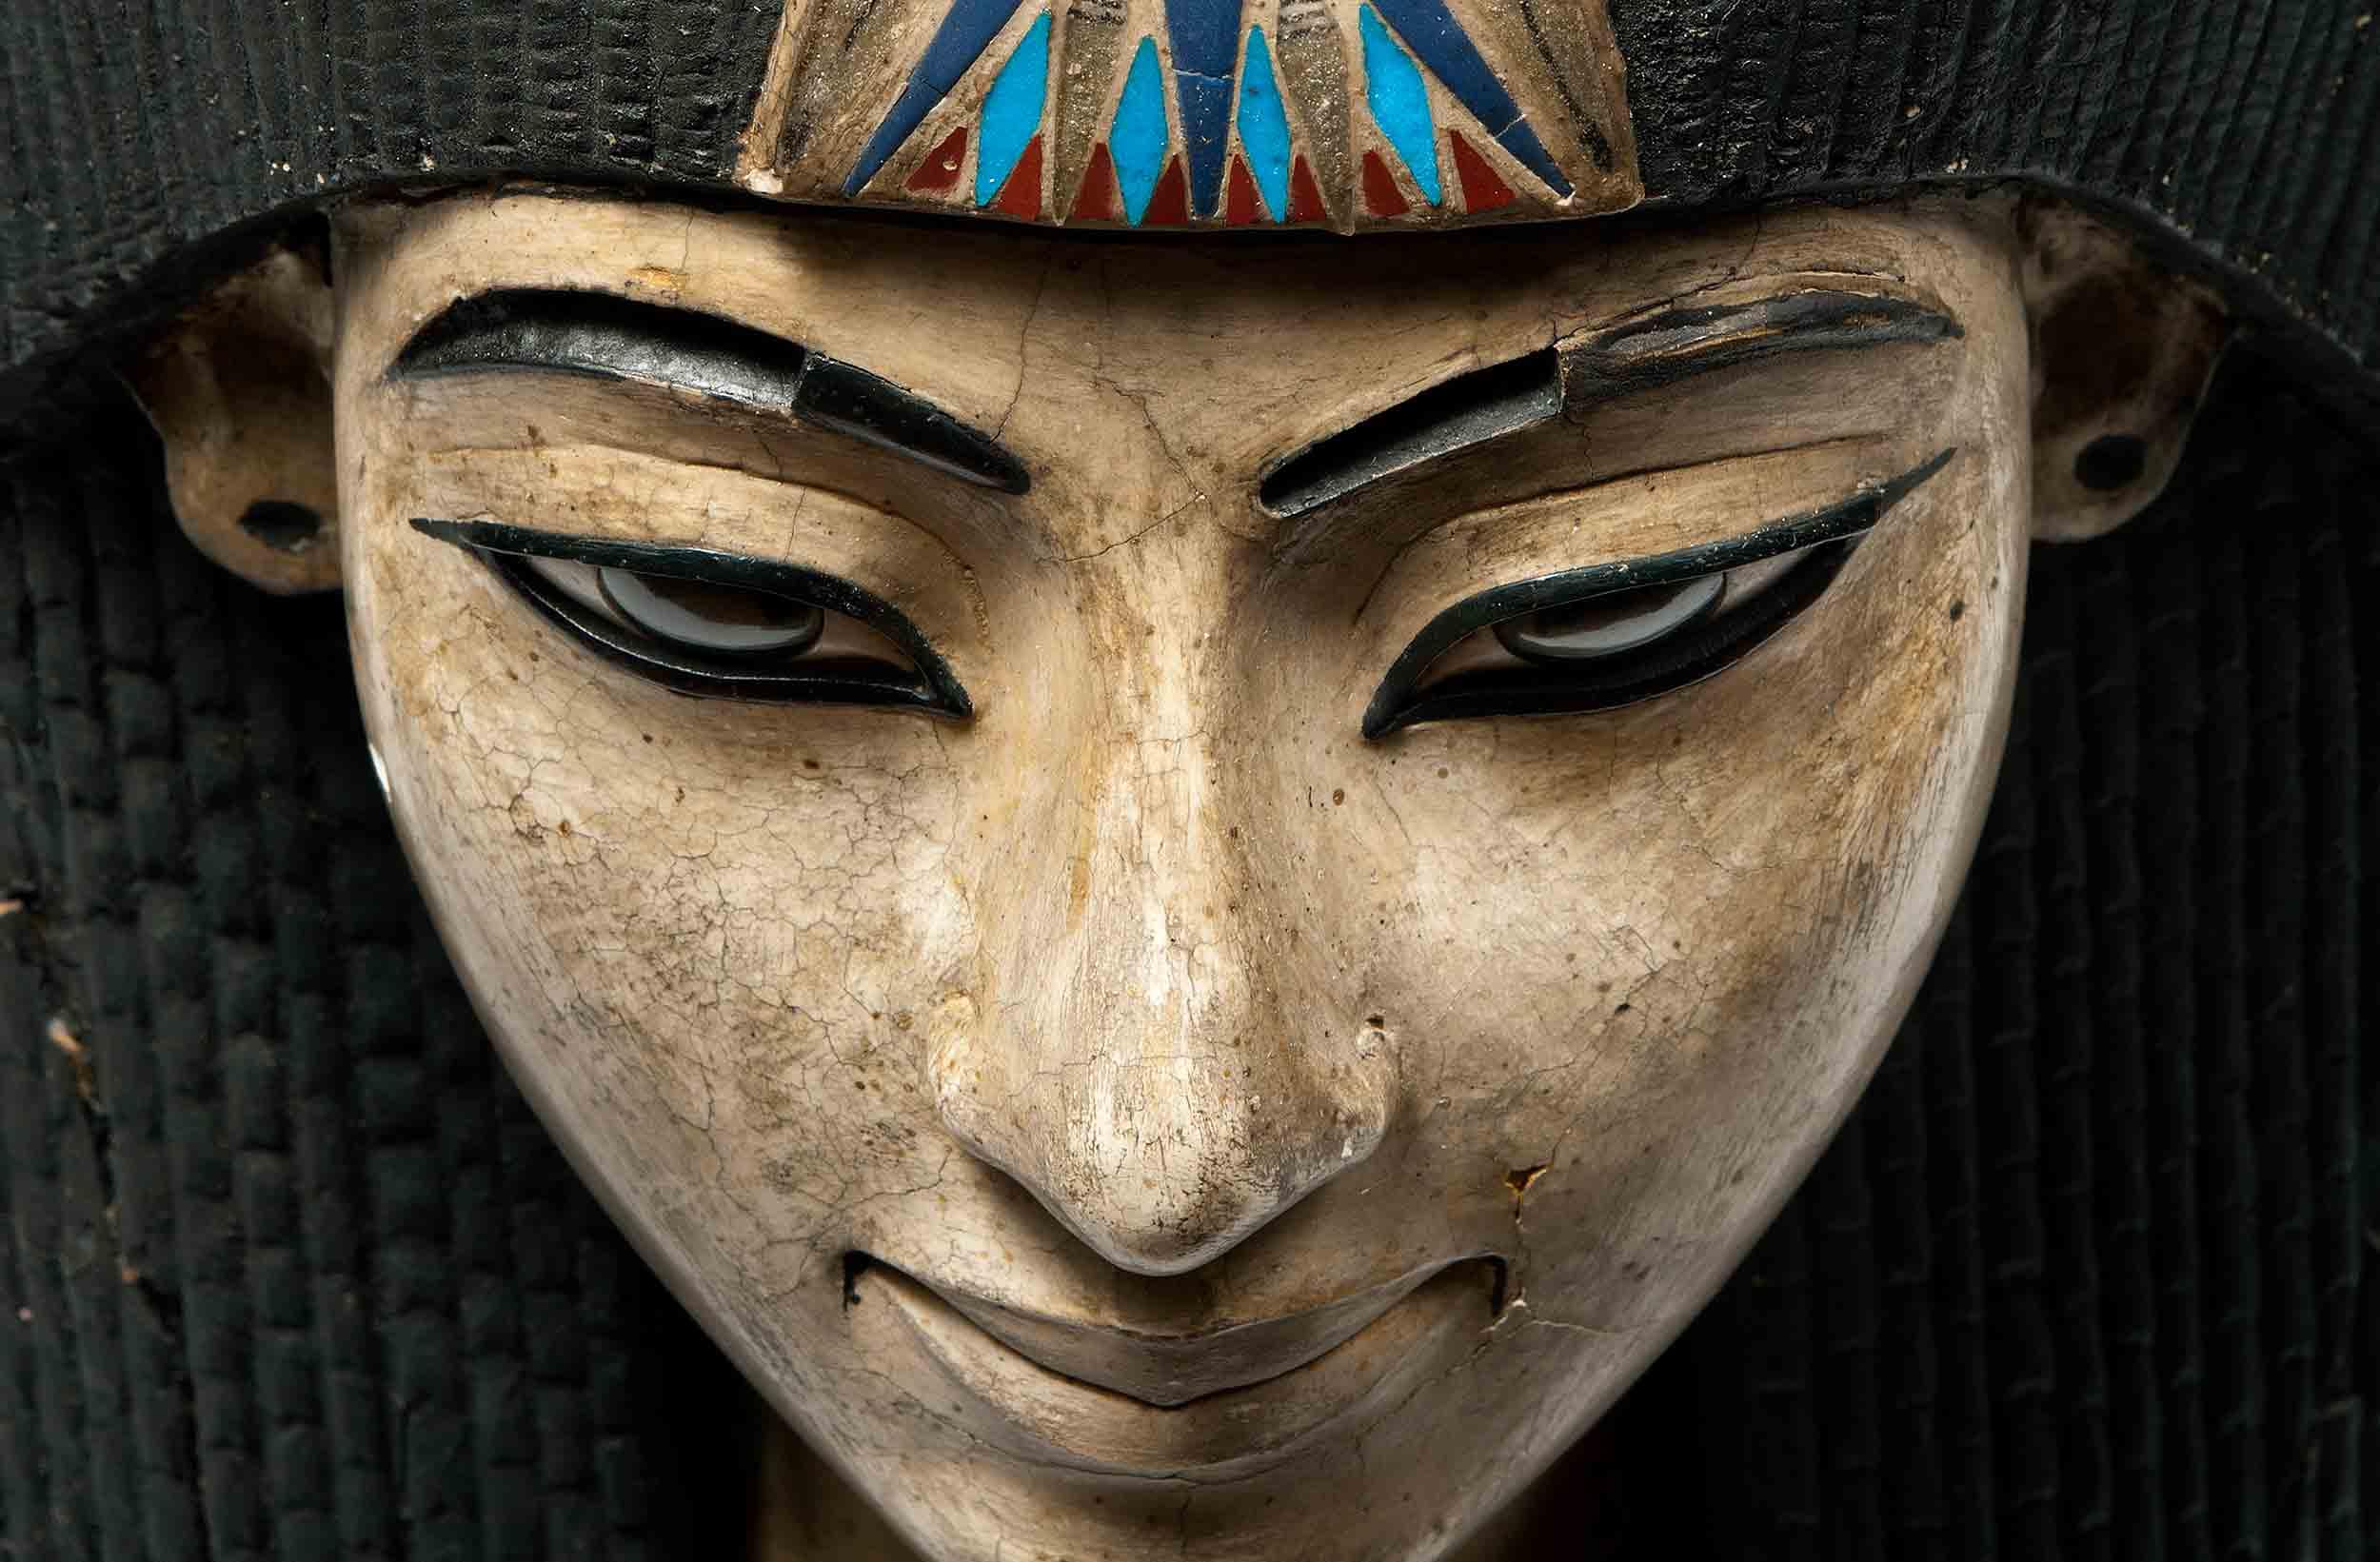 Een Egyptisch dodenmasker gemaakt uit linnen en beschilderd stuc op linnen. Een geïdealiseerd gelaat met zwarte haartooi en gemaquilleerde ogen. Rond de hals gouden sierraden met blauwe, rode en groene versiering.